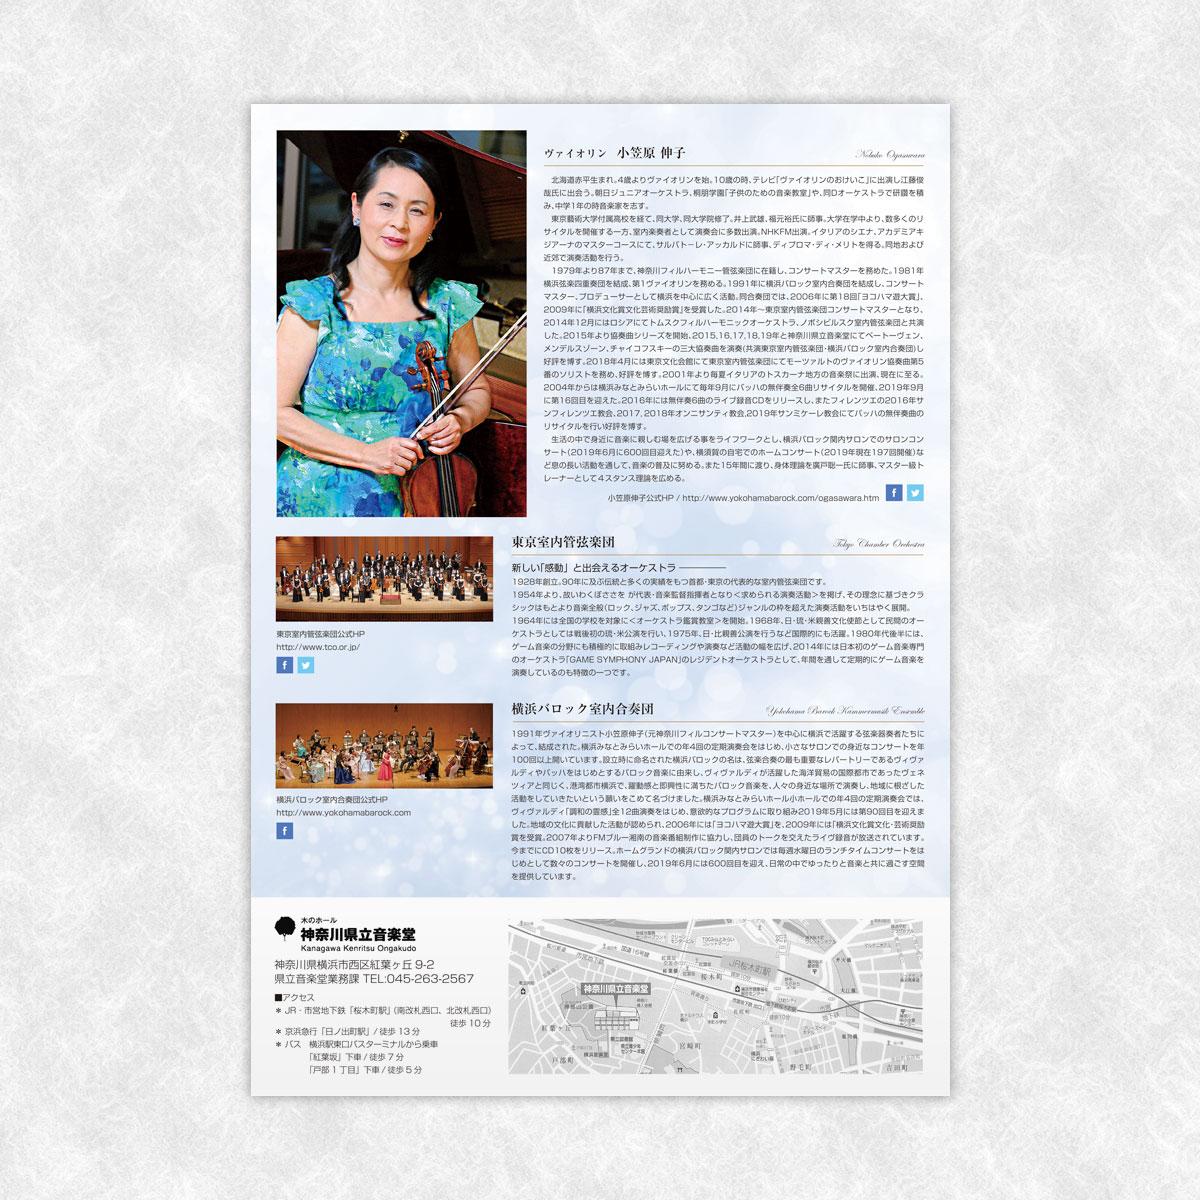 小笠原伸子コンチェルトシリーズ Vol.5 三大協奏曲の夕べ チラシ